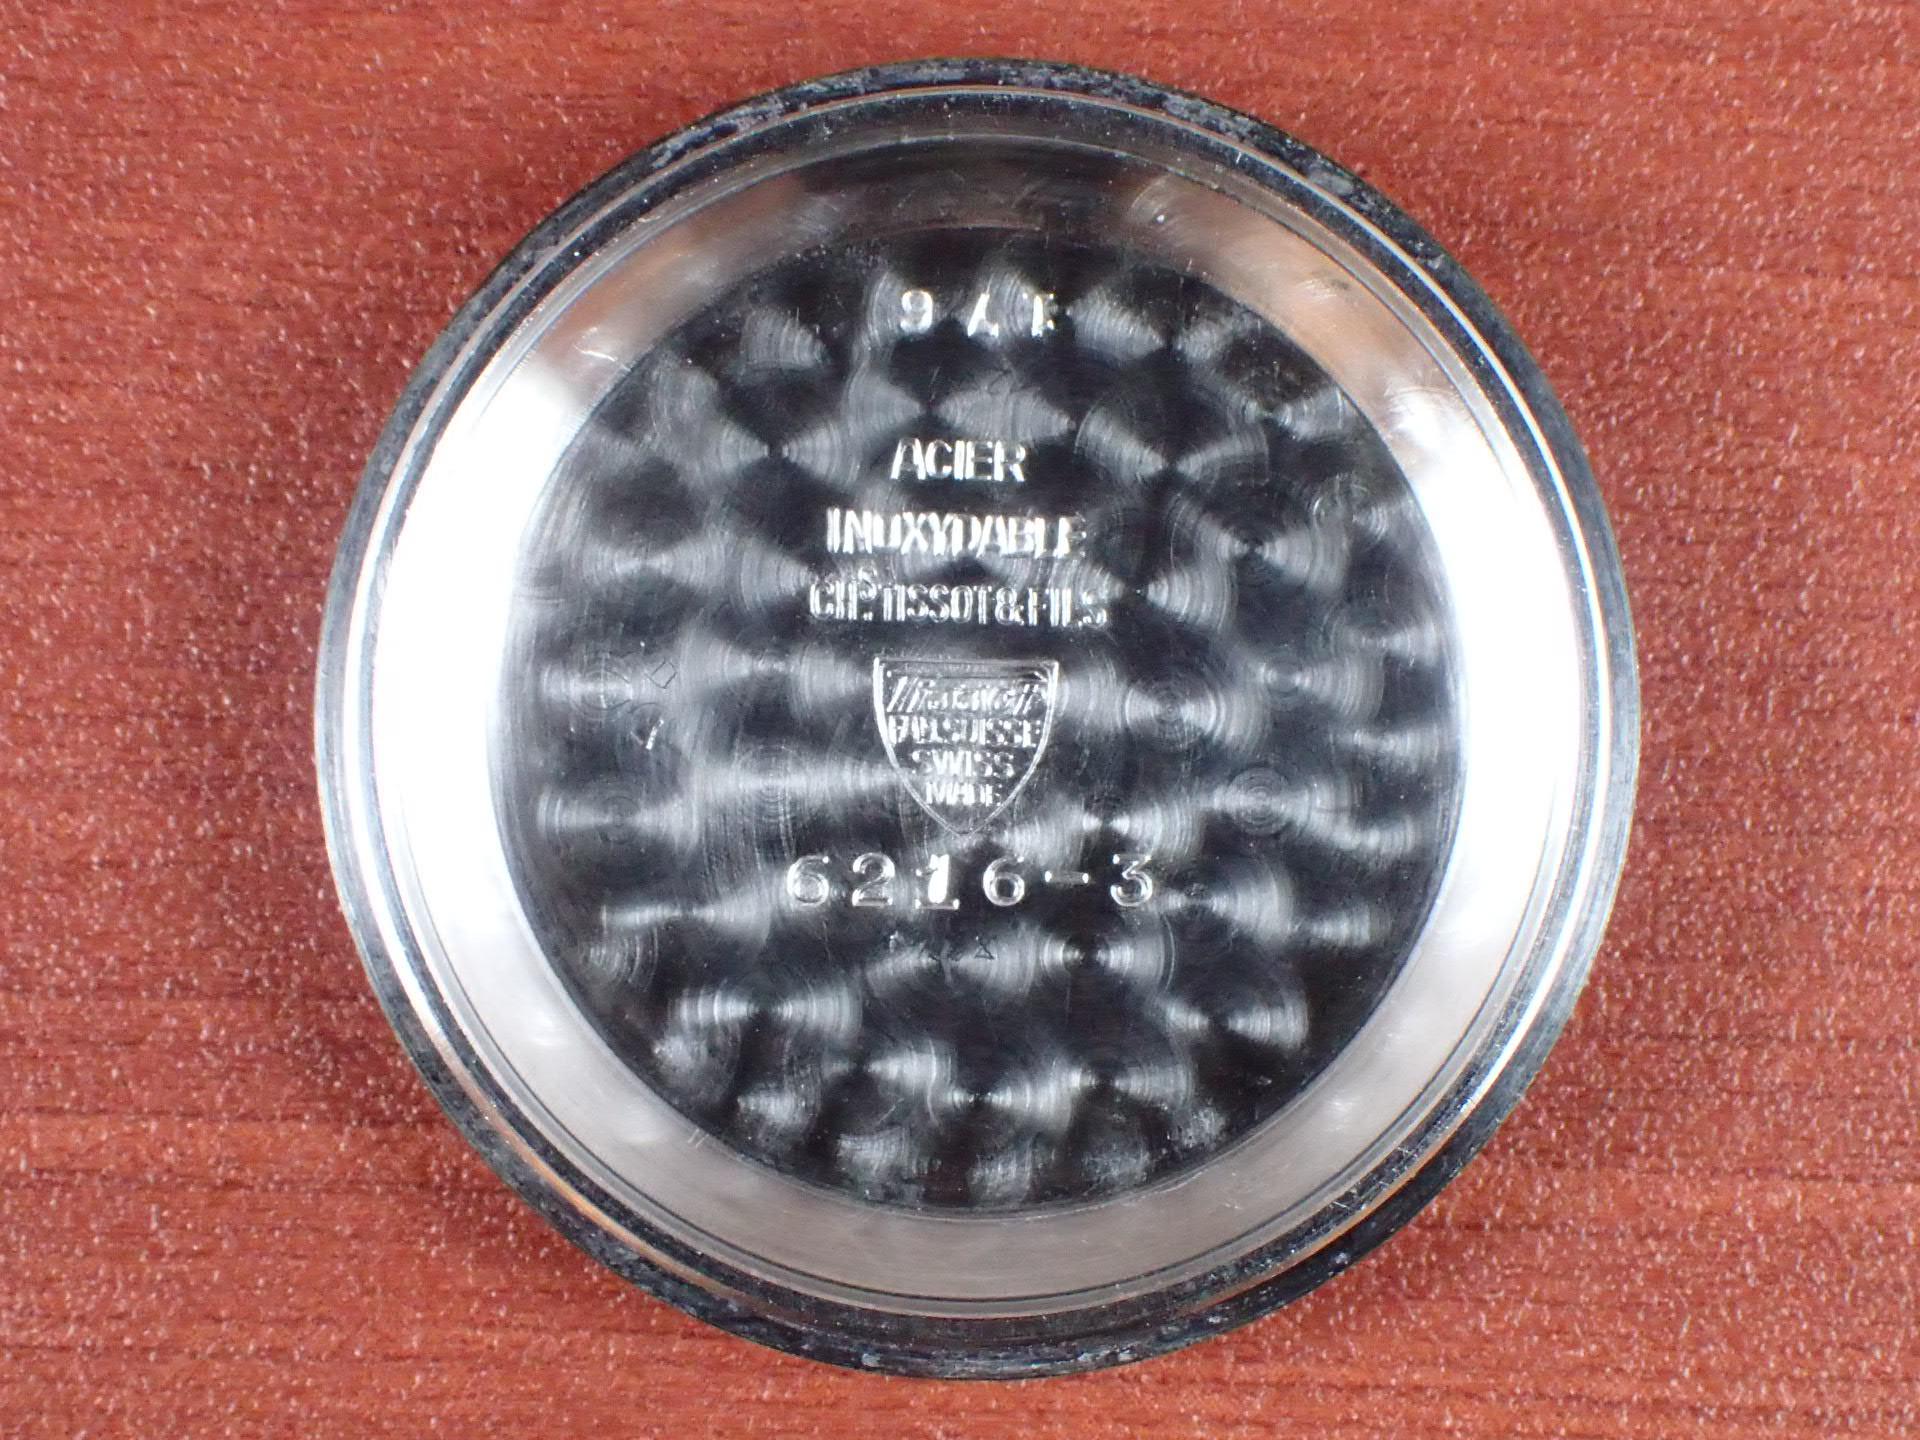 ティソ クロノグラフ キャリバー27CHRO C12 グレーダイアル 1940年代の写真6枚目